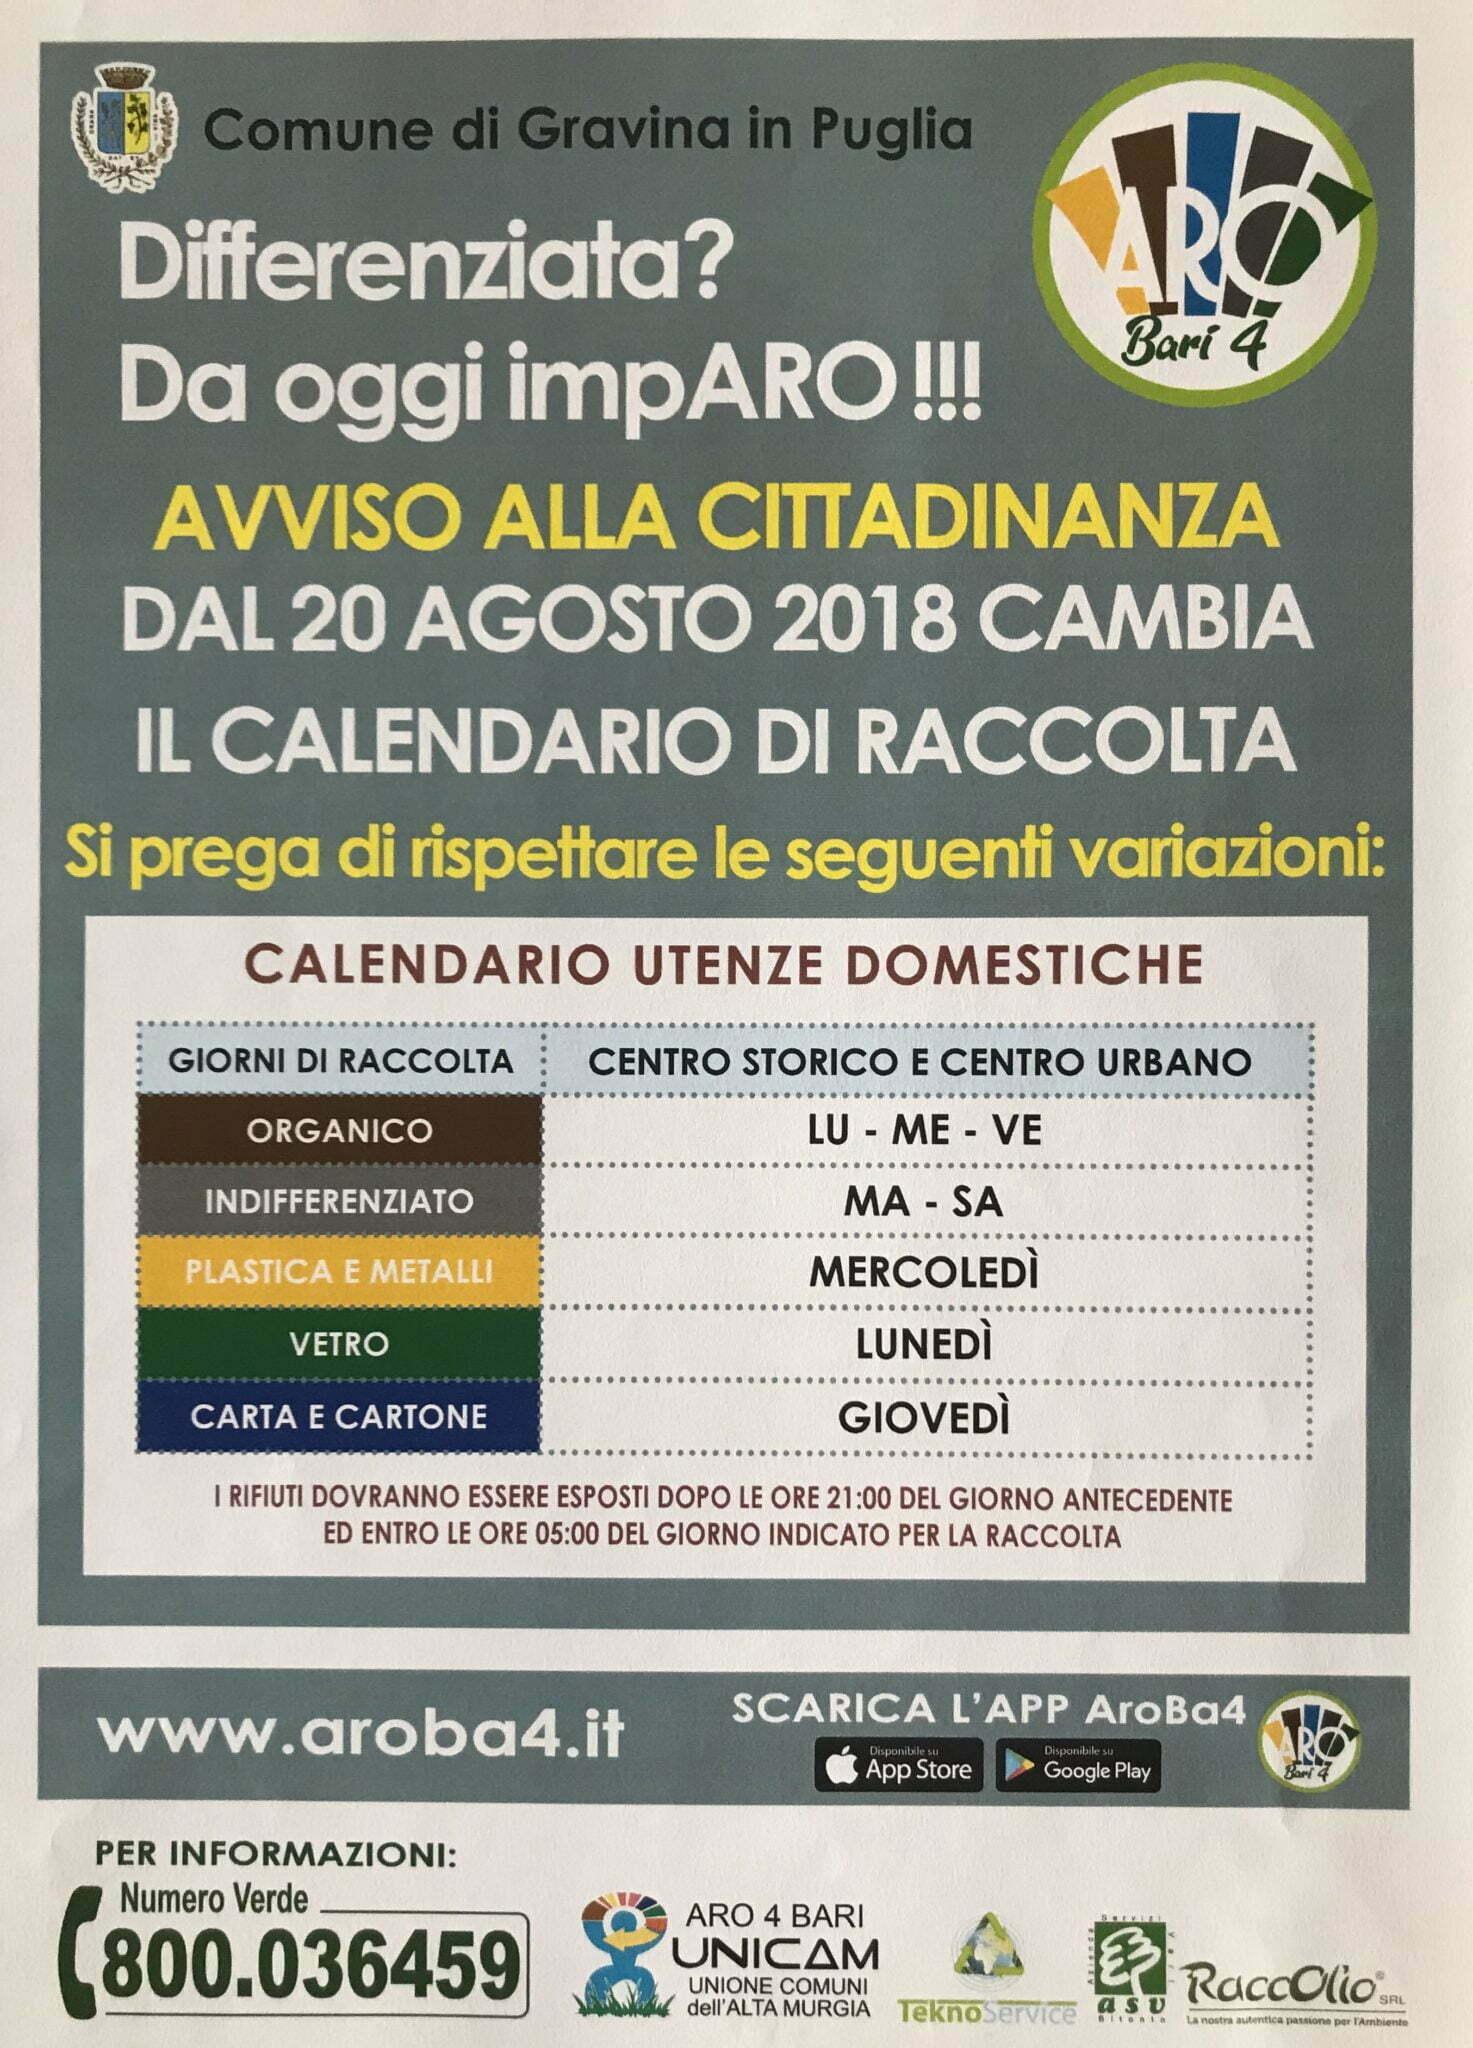 Calendario Raccolta Differenziata Sanremo.Gravina In Puglia Cambia Il Calendario Di Raccolta Dei